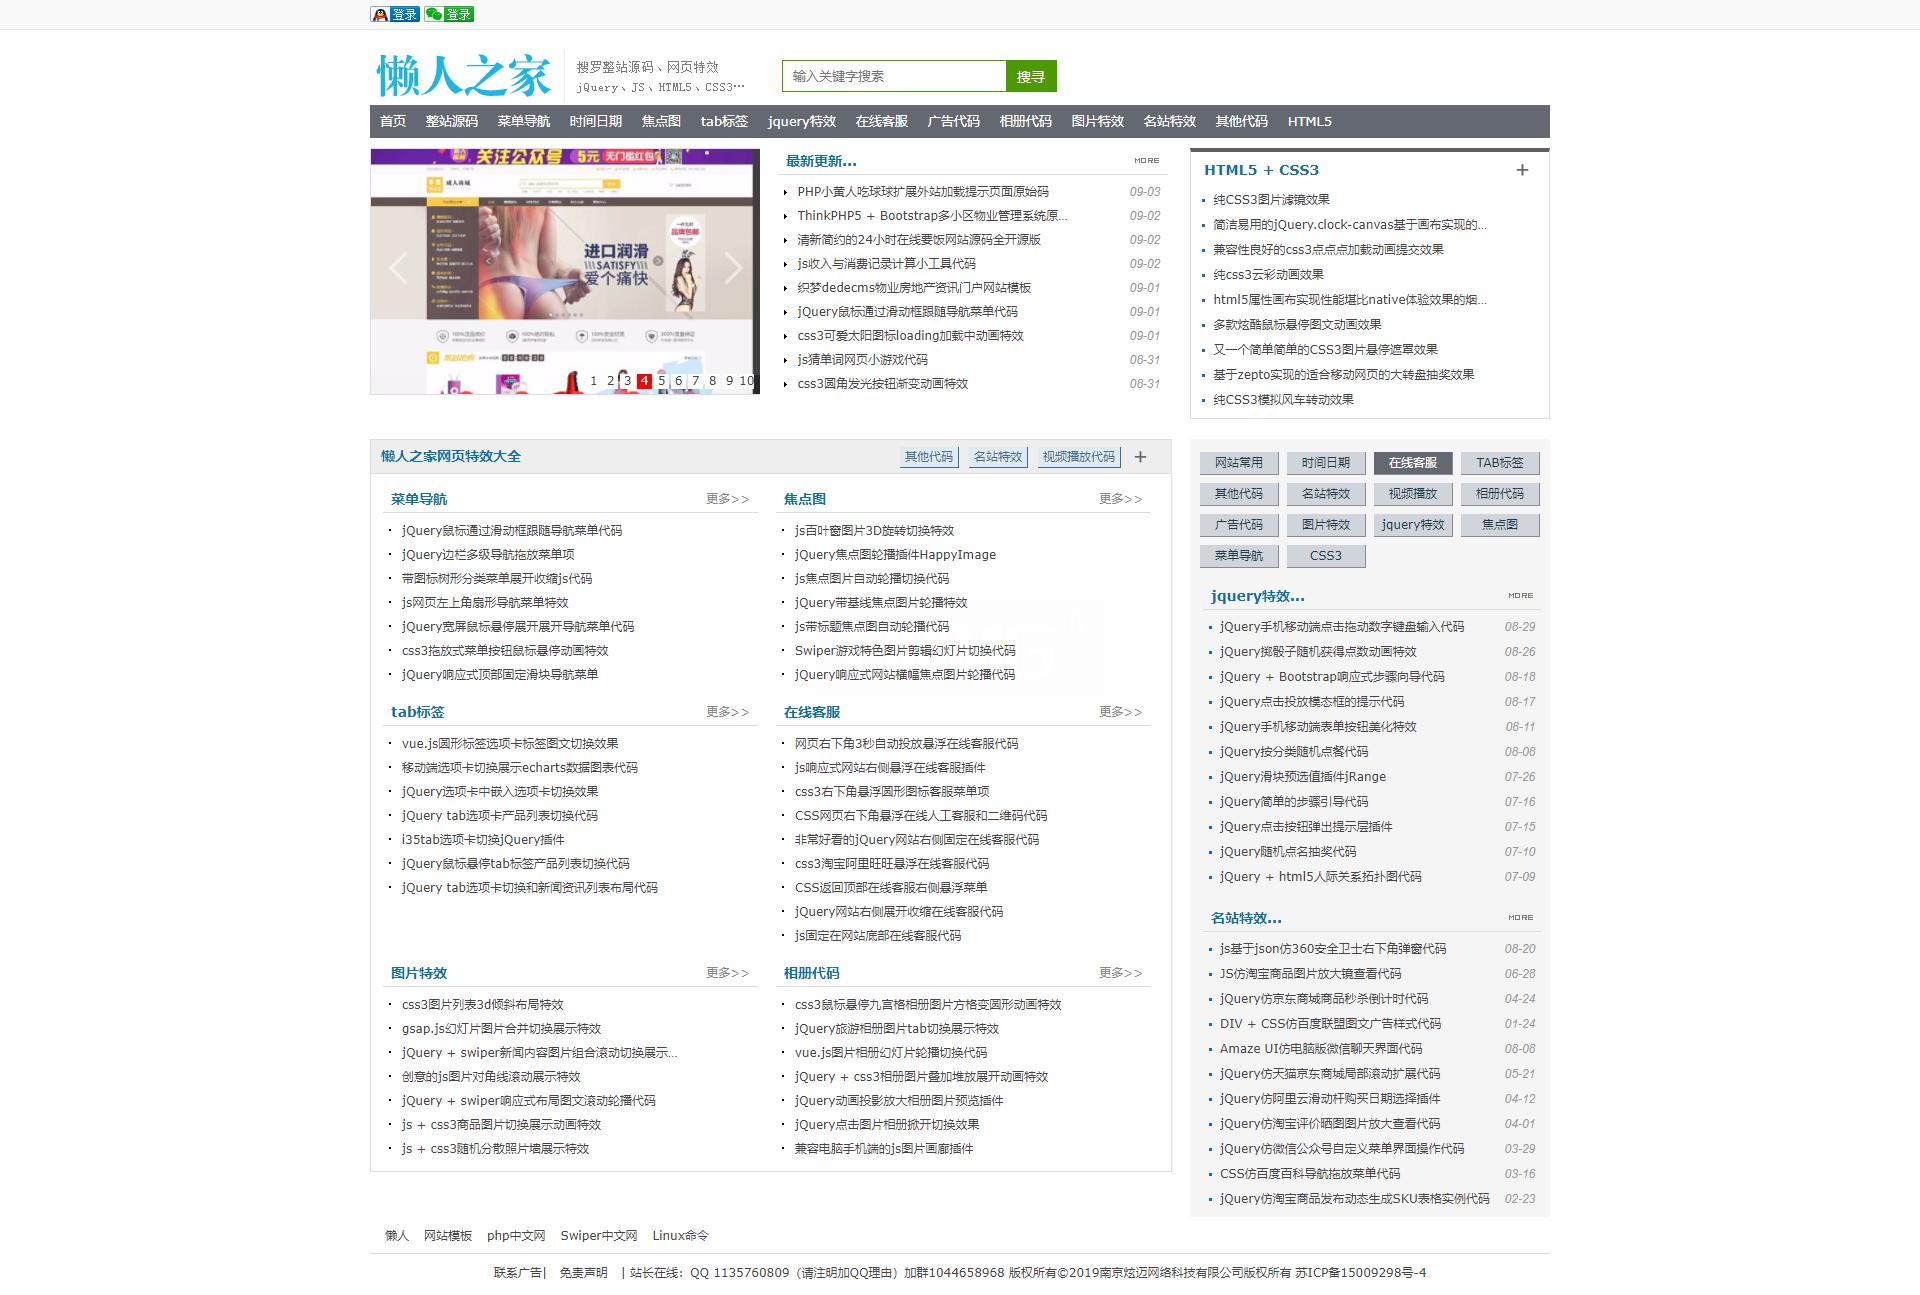 懒人之家,懒人,懒人代码,jquery特效 — 可能是JS网页特效代码收集最全的网站 –